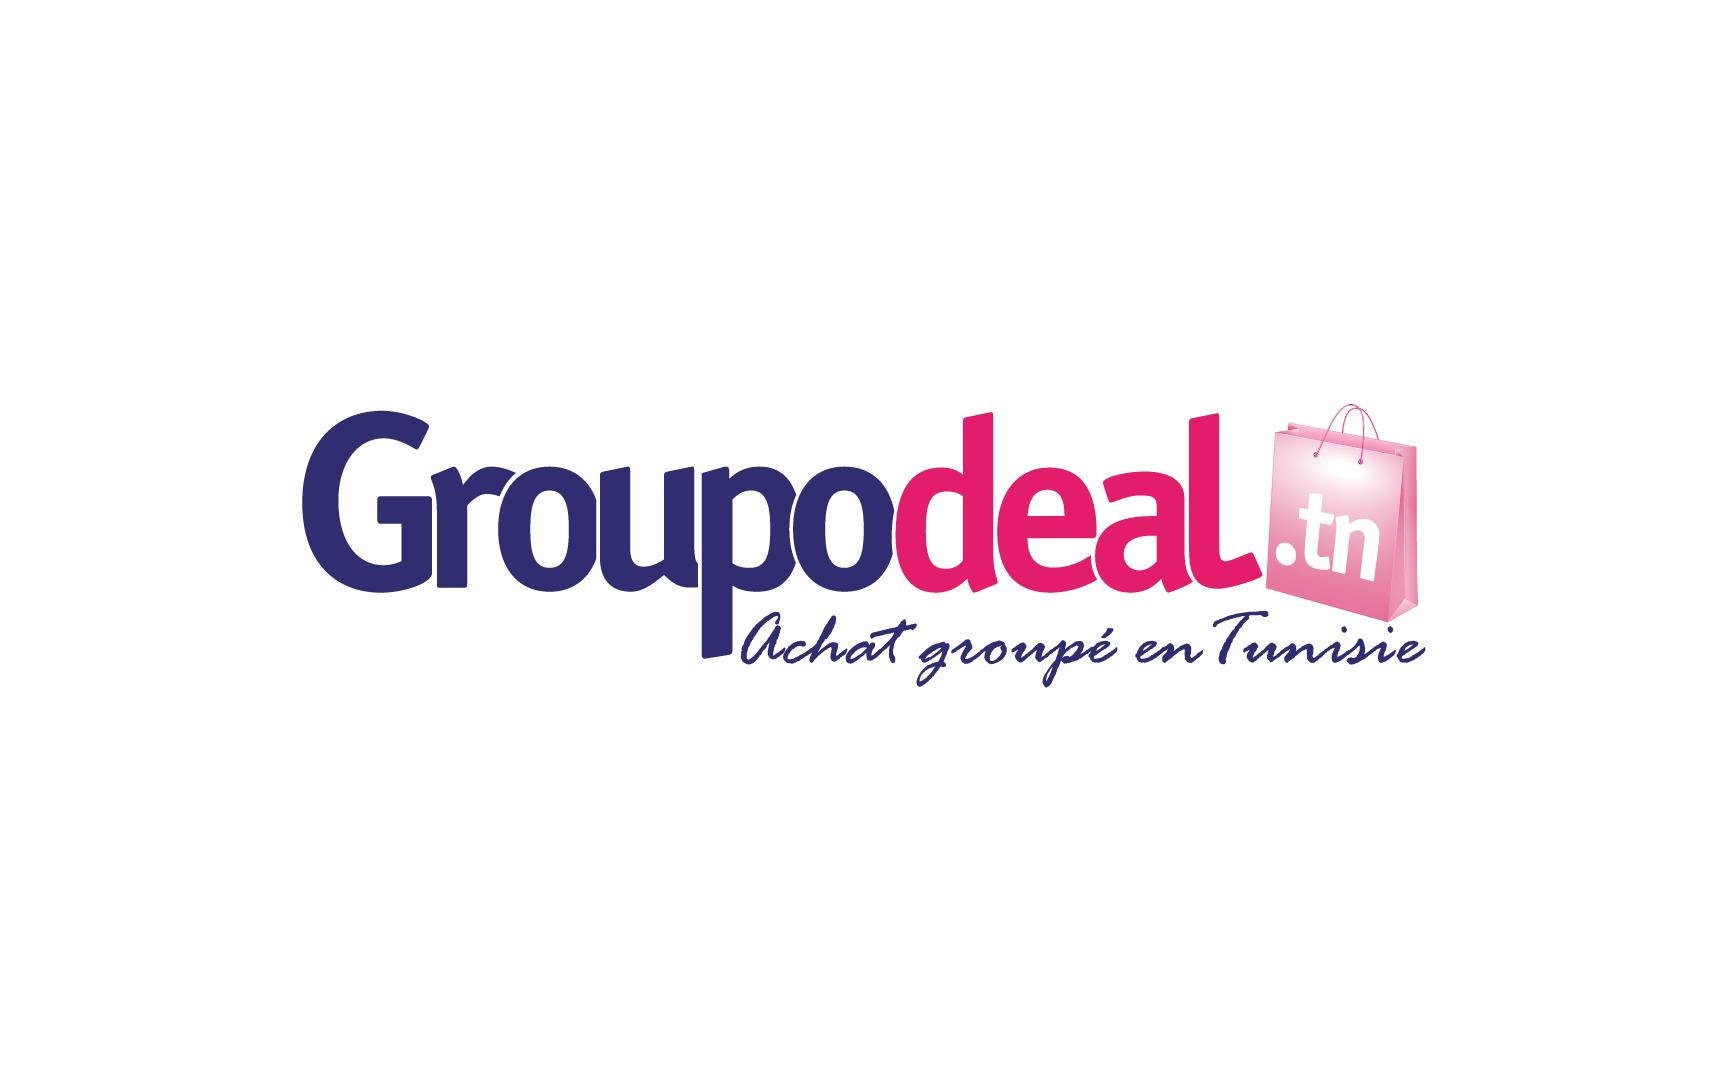 Groupodeal